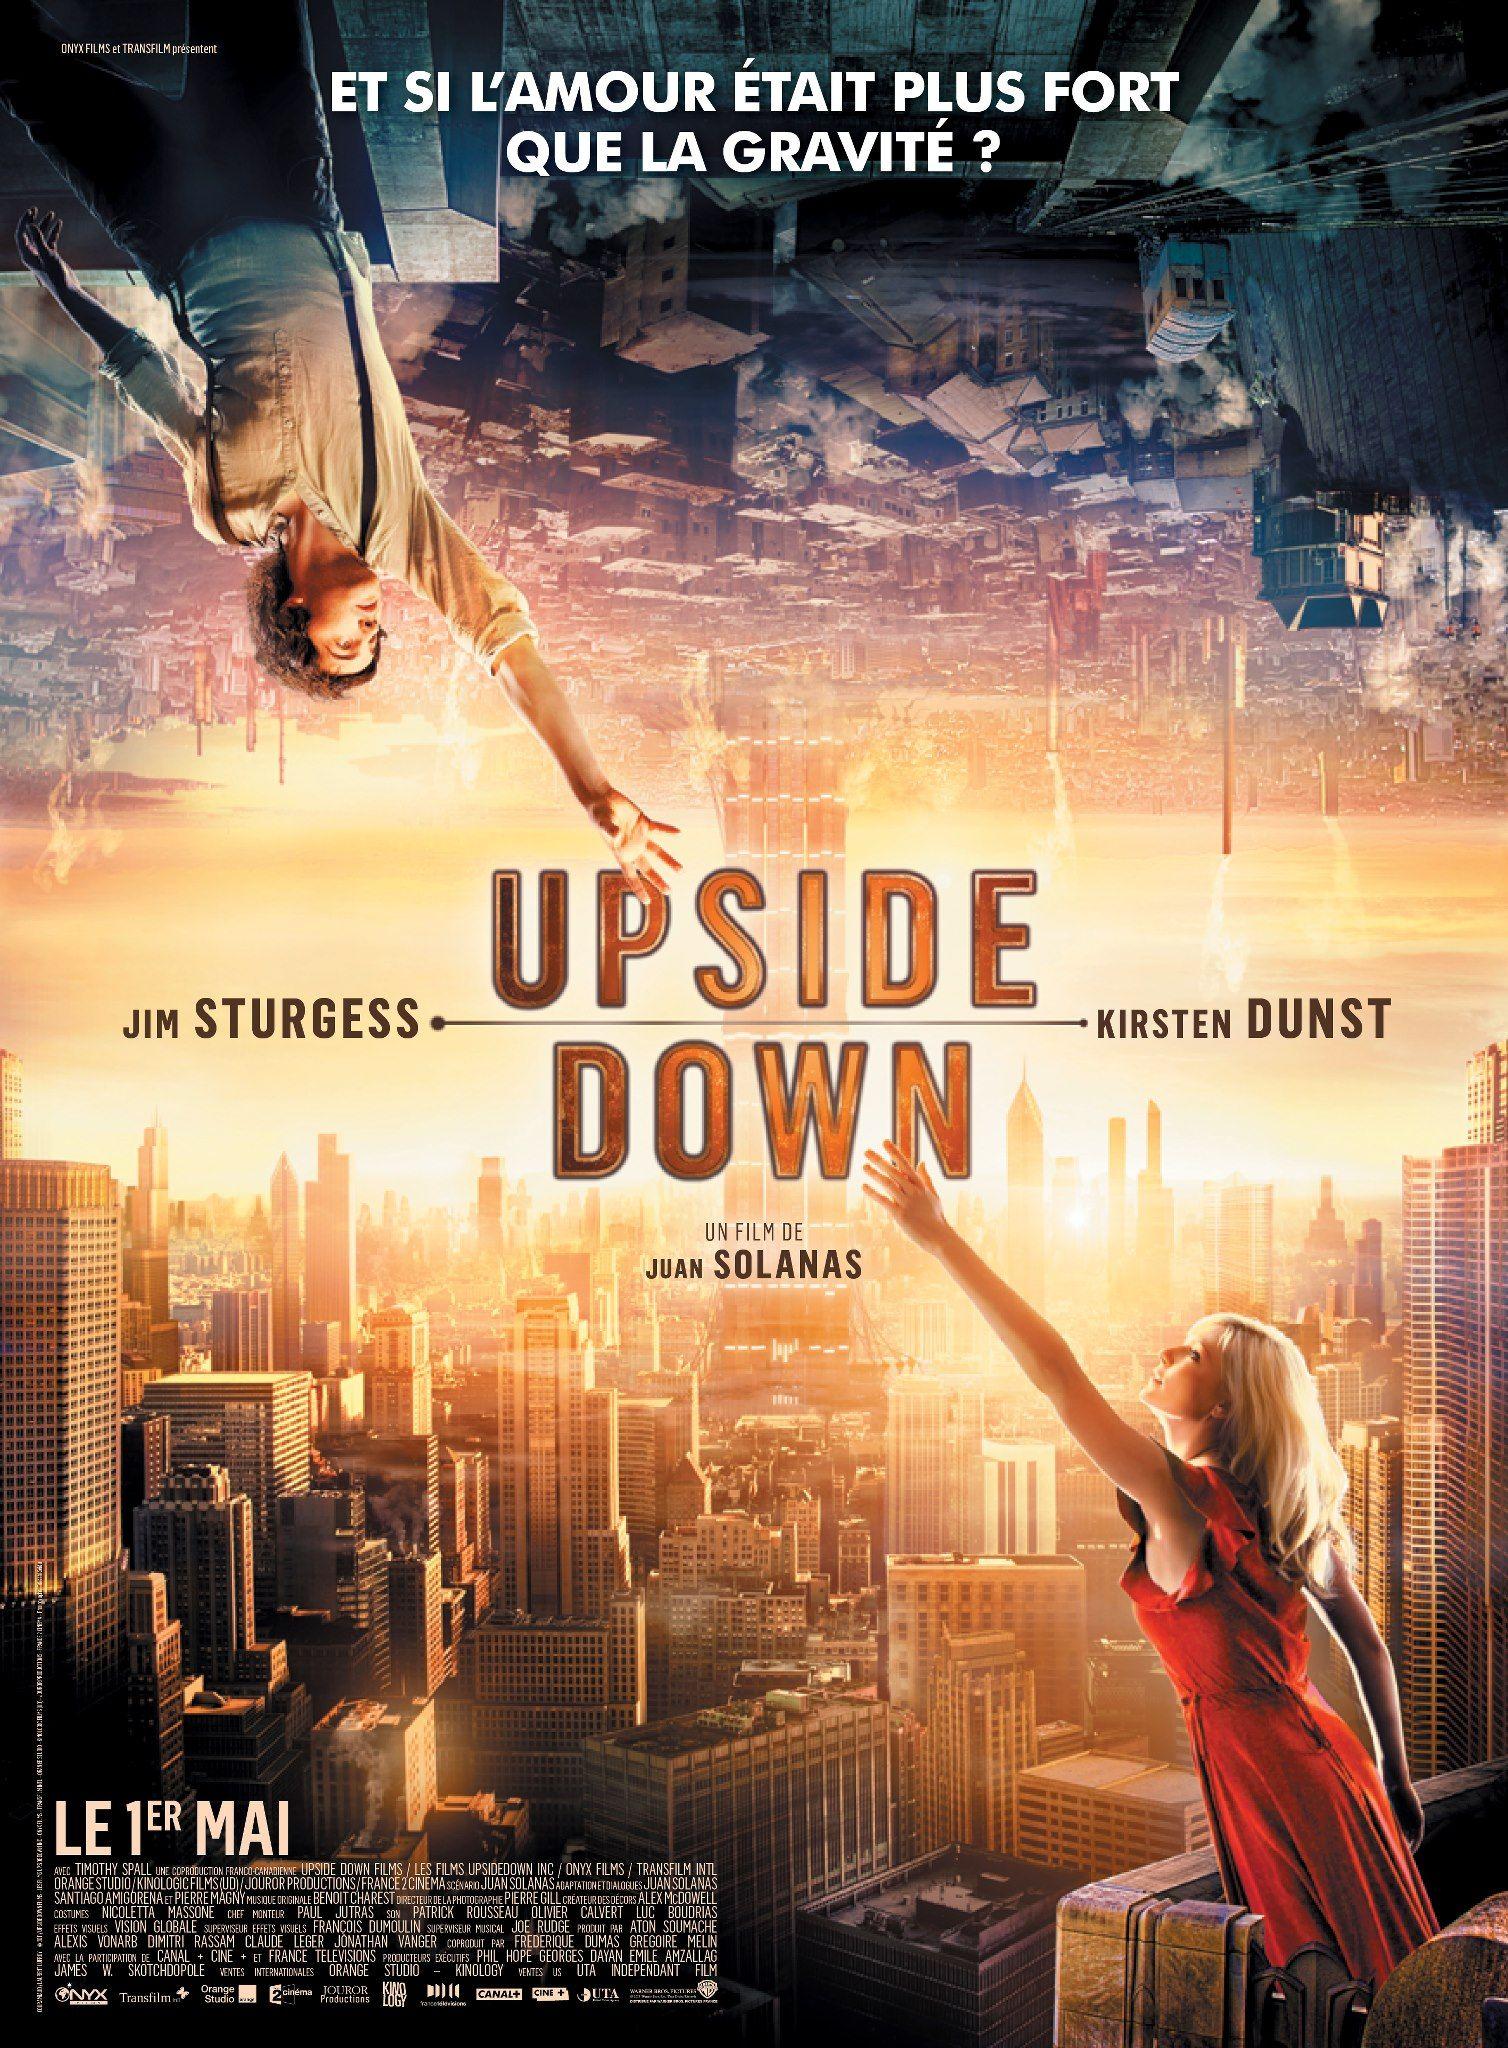 Upside Down Movie 2012 Peliculas de disney, Peliculas, Cine